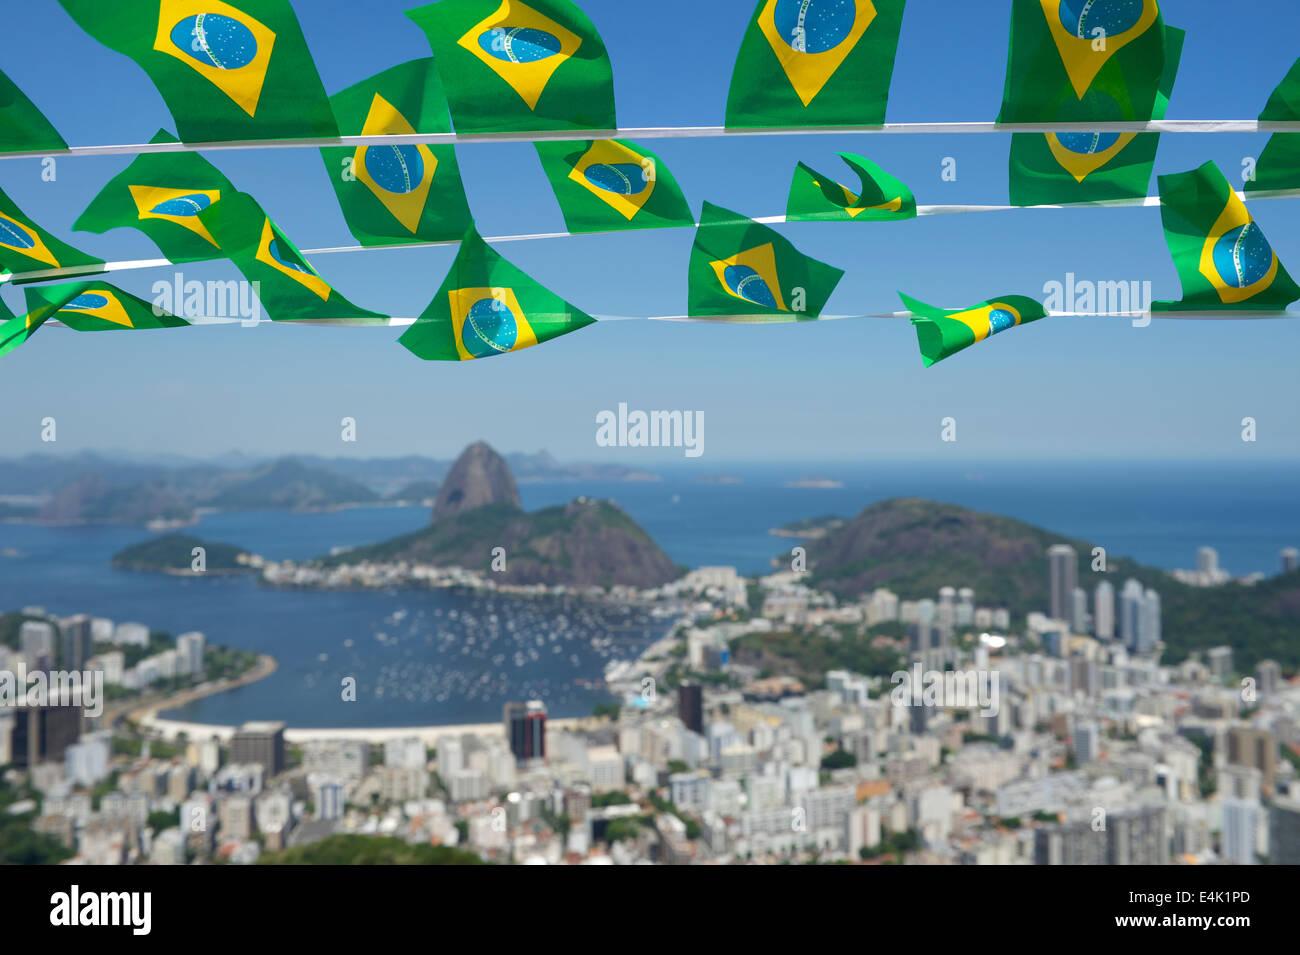 Brasilianische Dekoration brasilianische fahnen girlande dekoration über malerische skyline